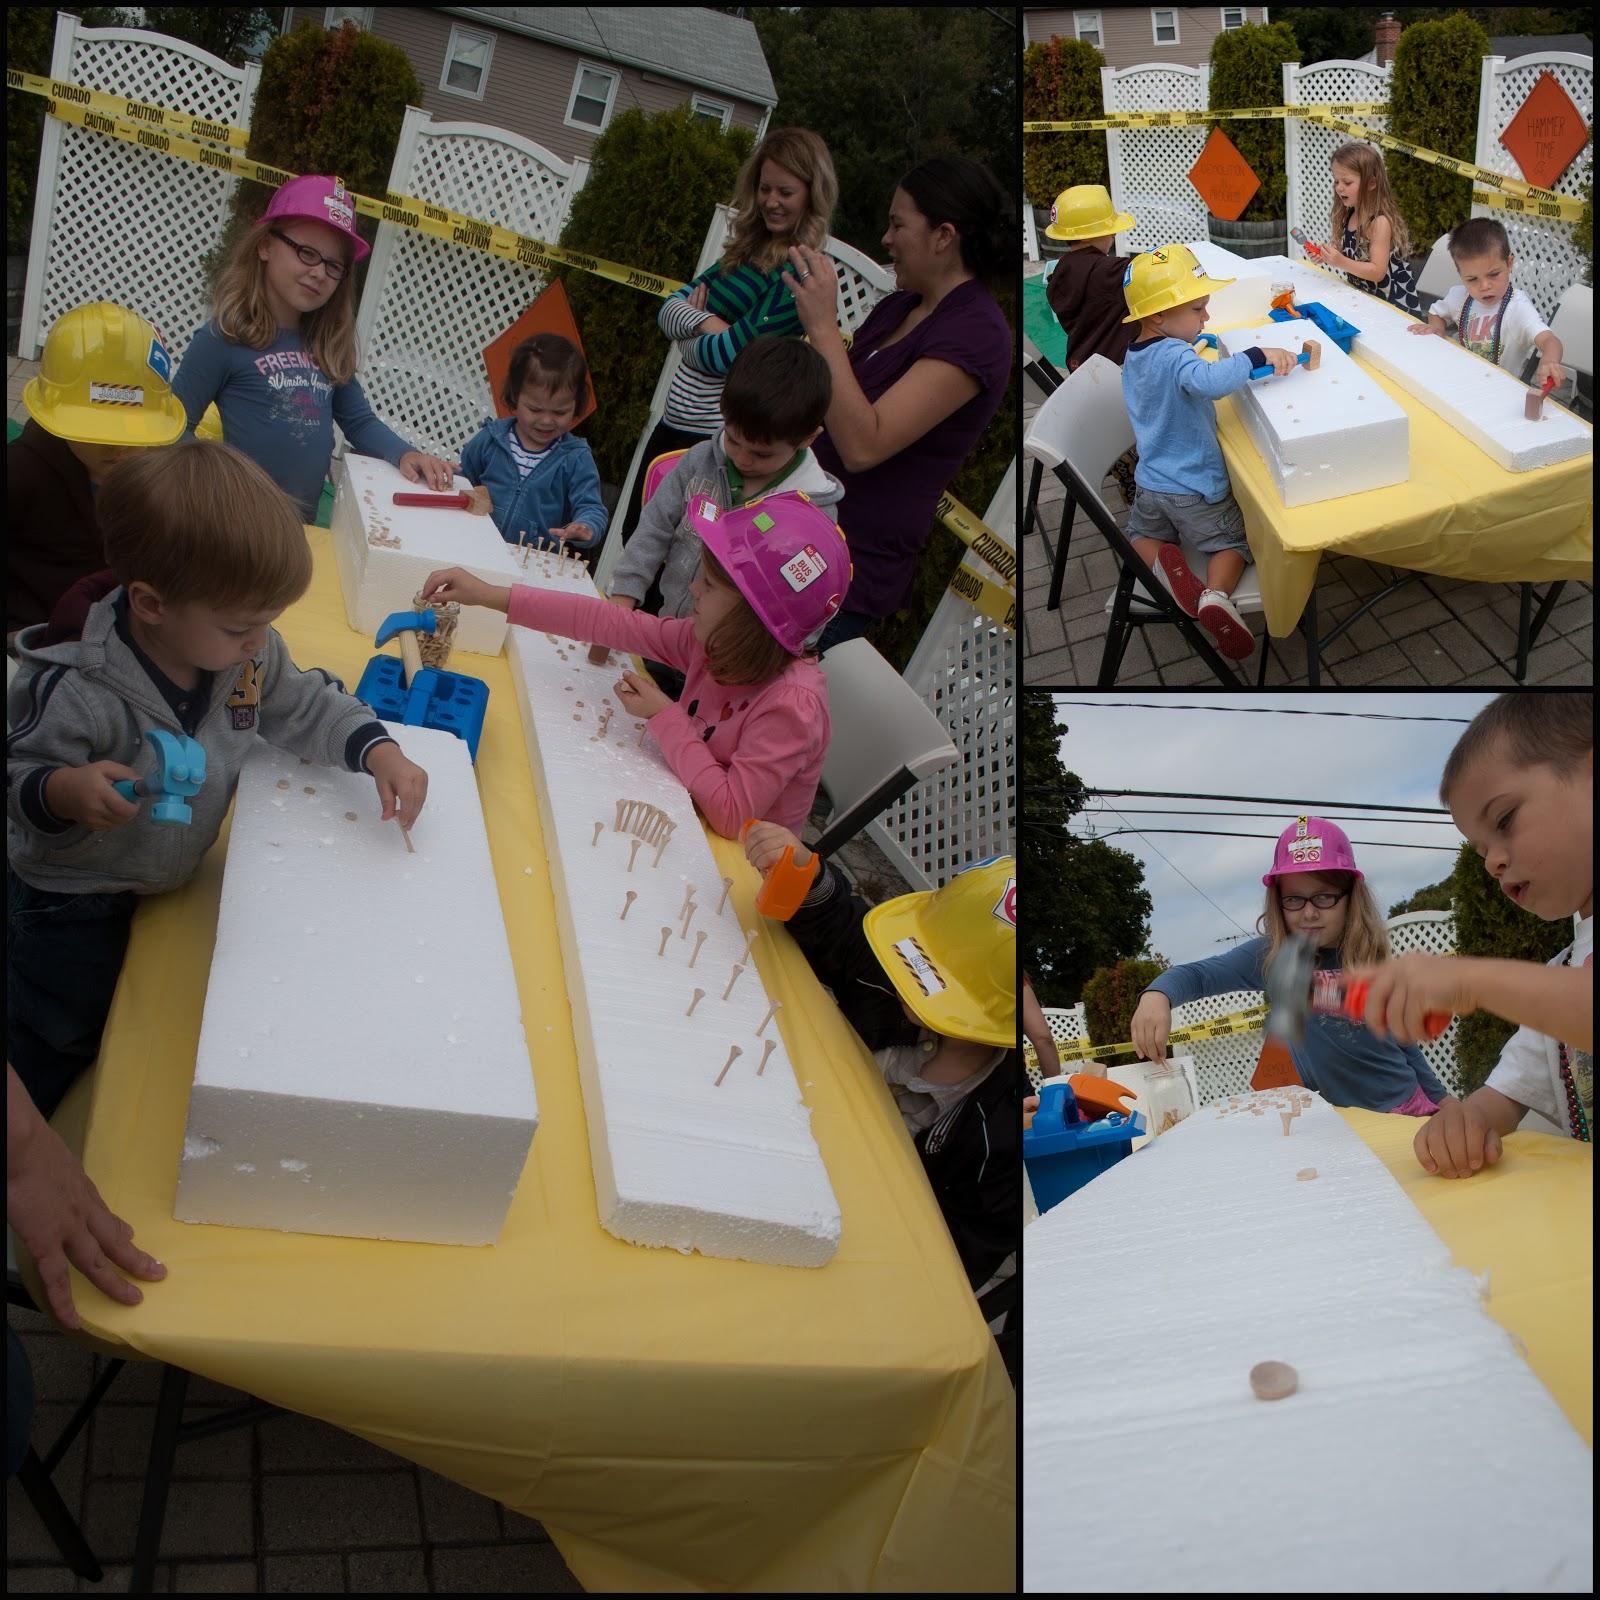 Construction Birthday {party Idea}